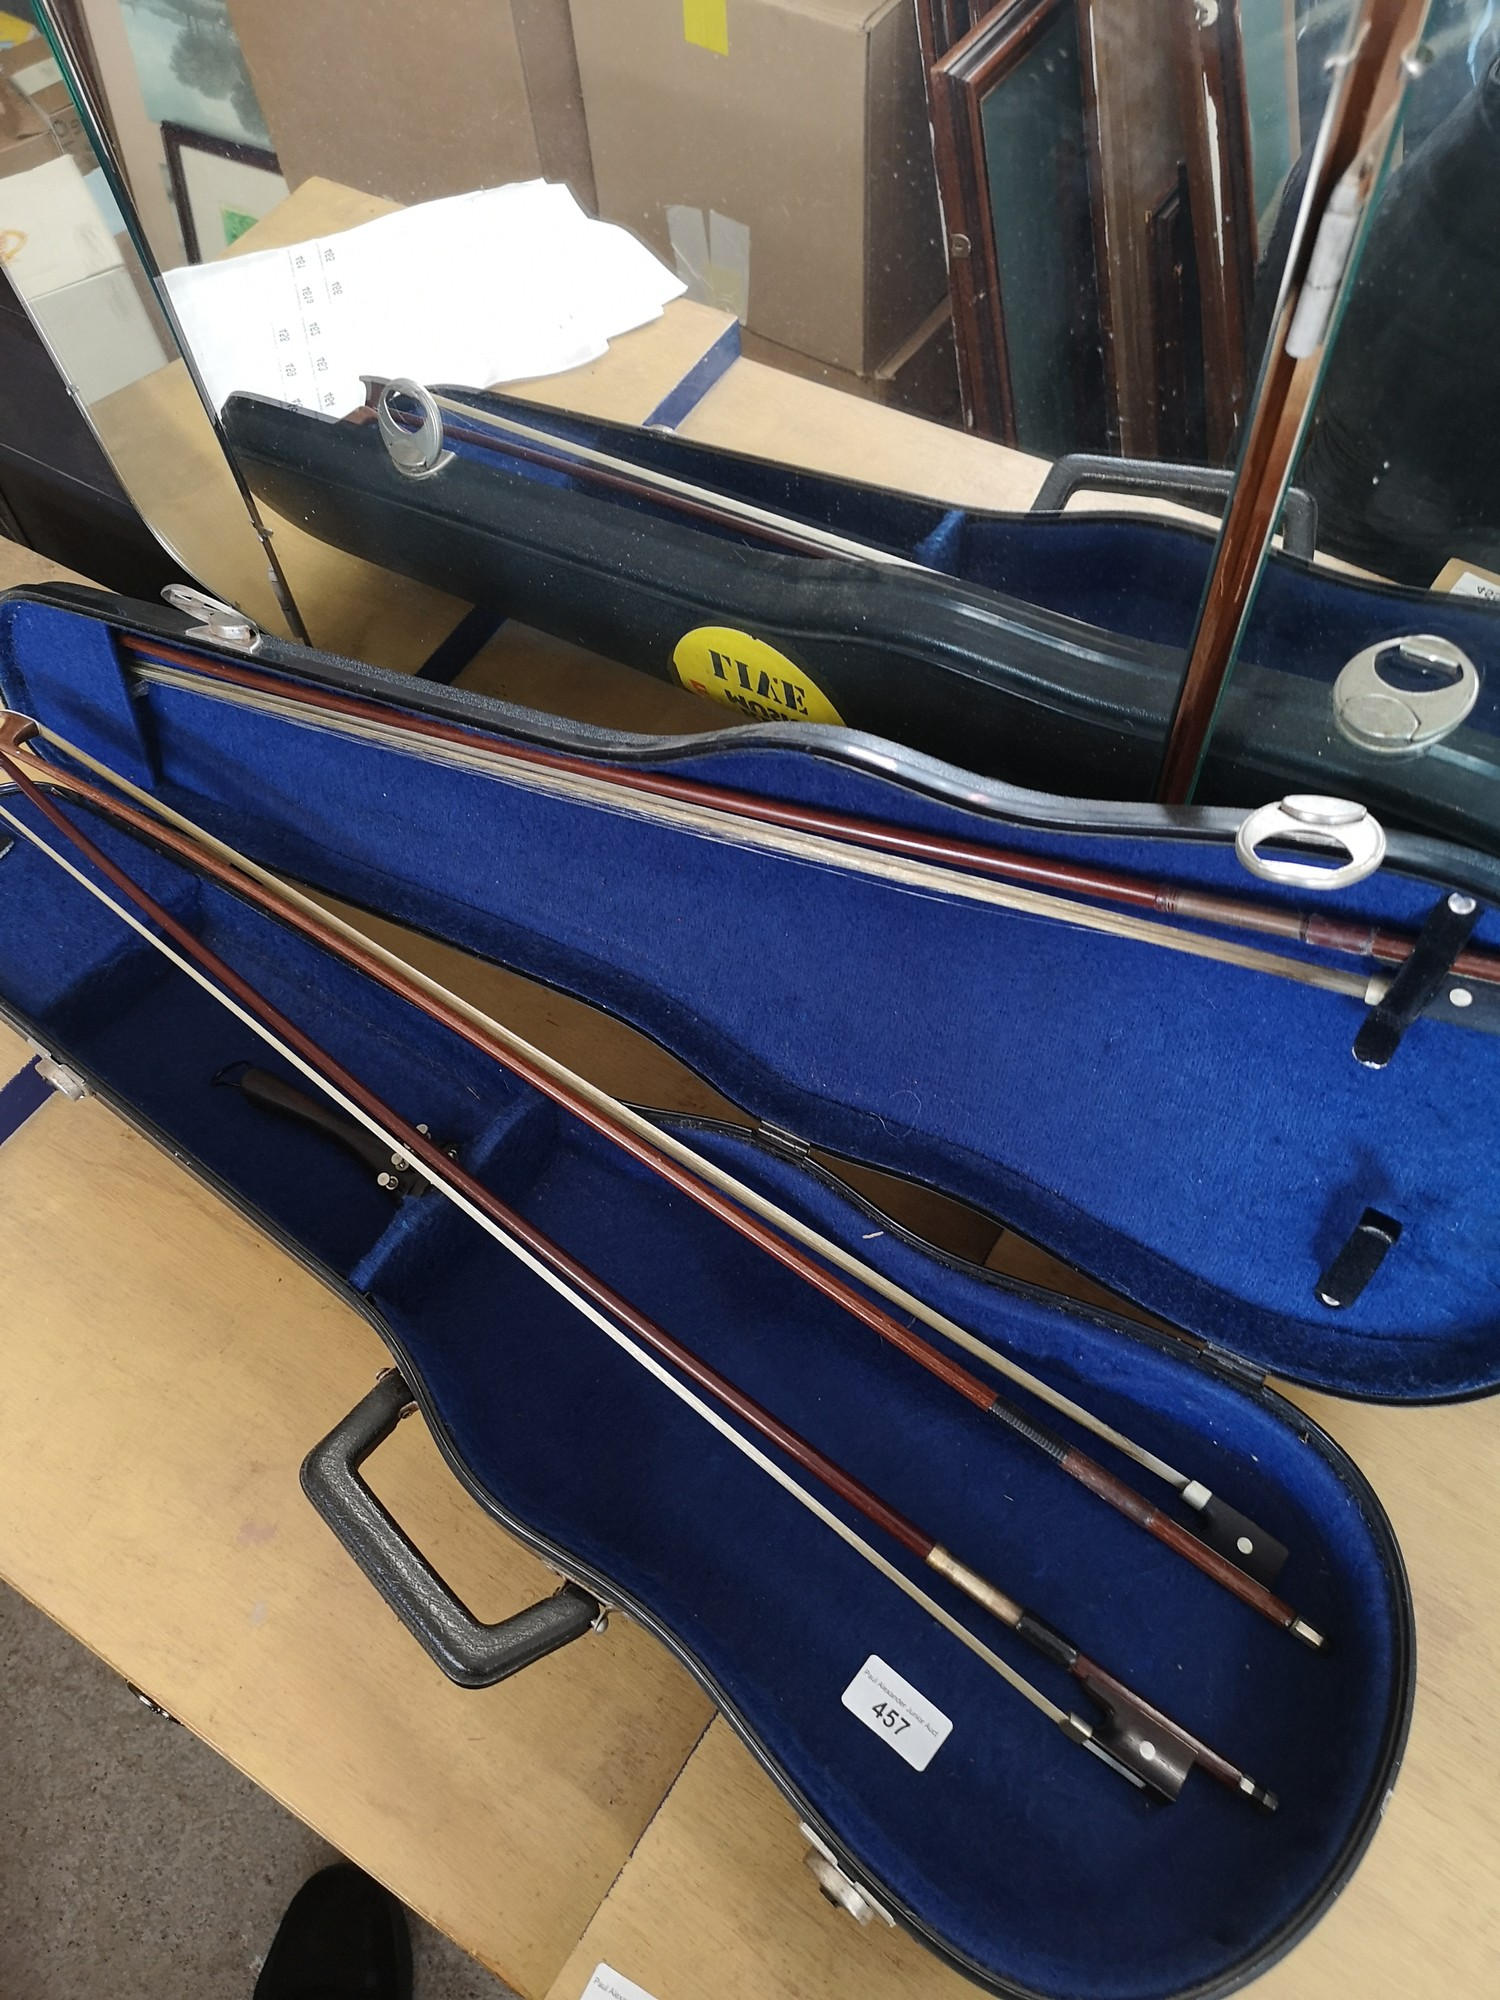 3 violin bows with violin case.